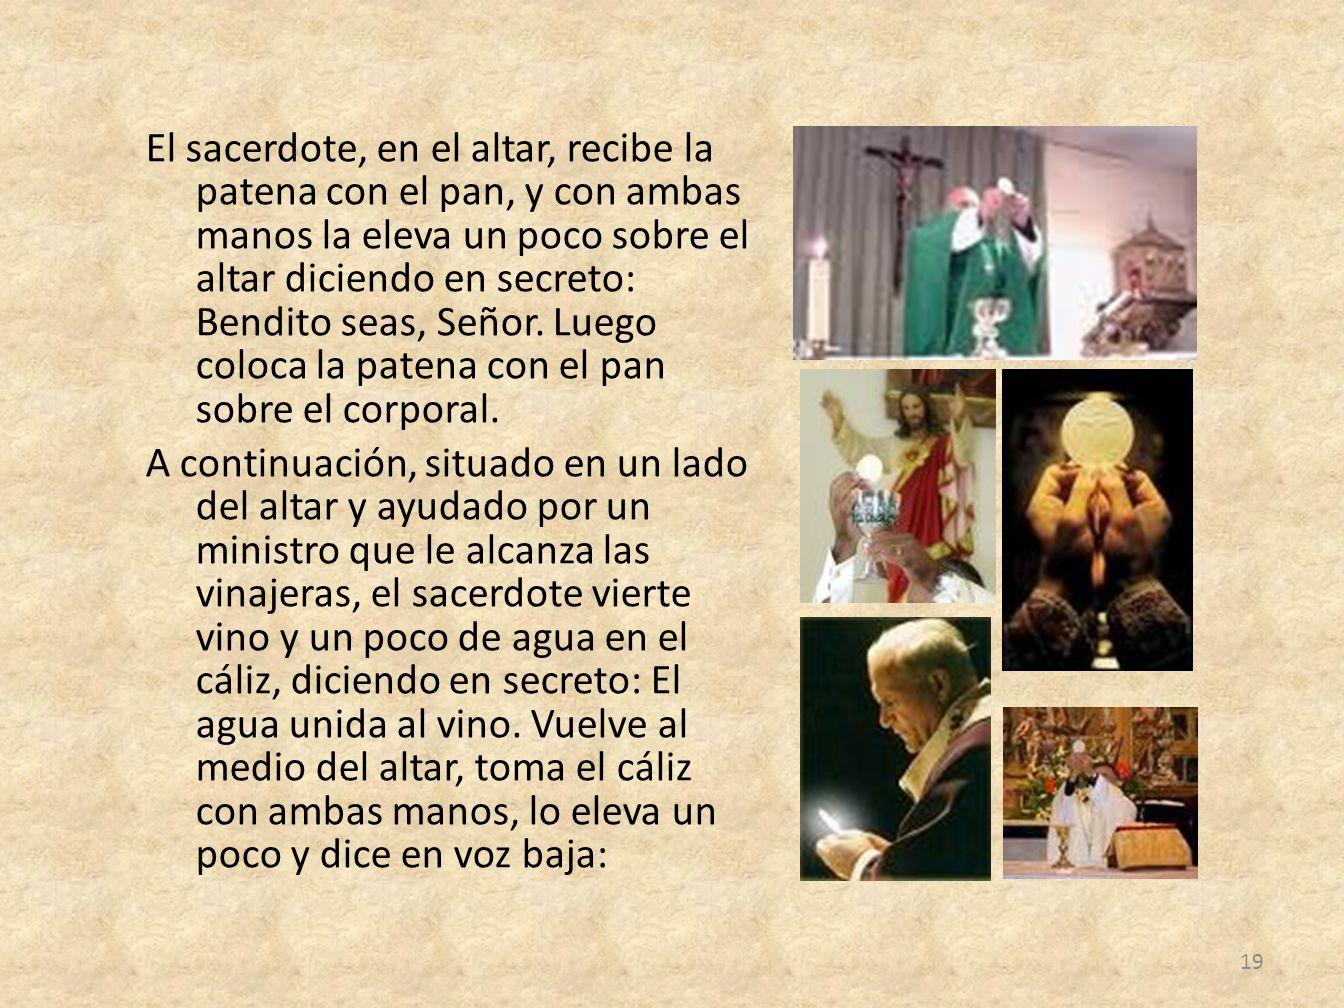 El sacerdote, en el altar, recibe la patena con el pan, y con ambas manos la eleva un poco sobre el altar diciendo en secreto: Bendito seas, Señor. Lu